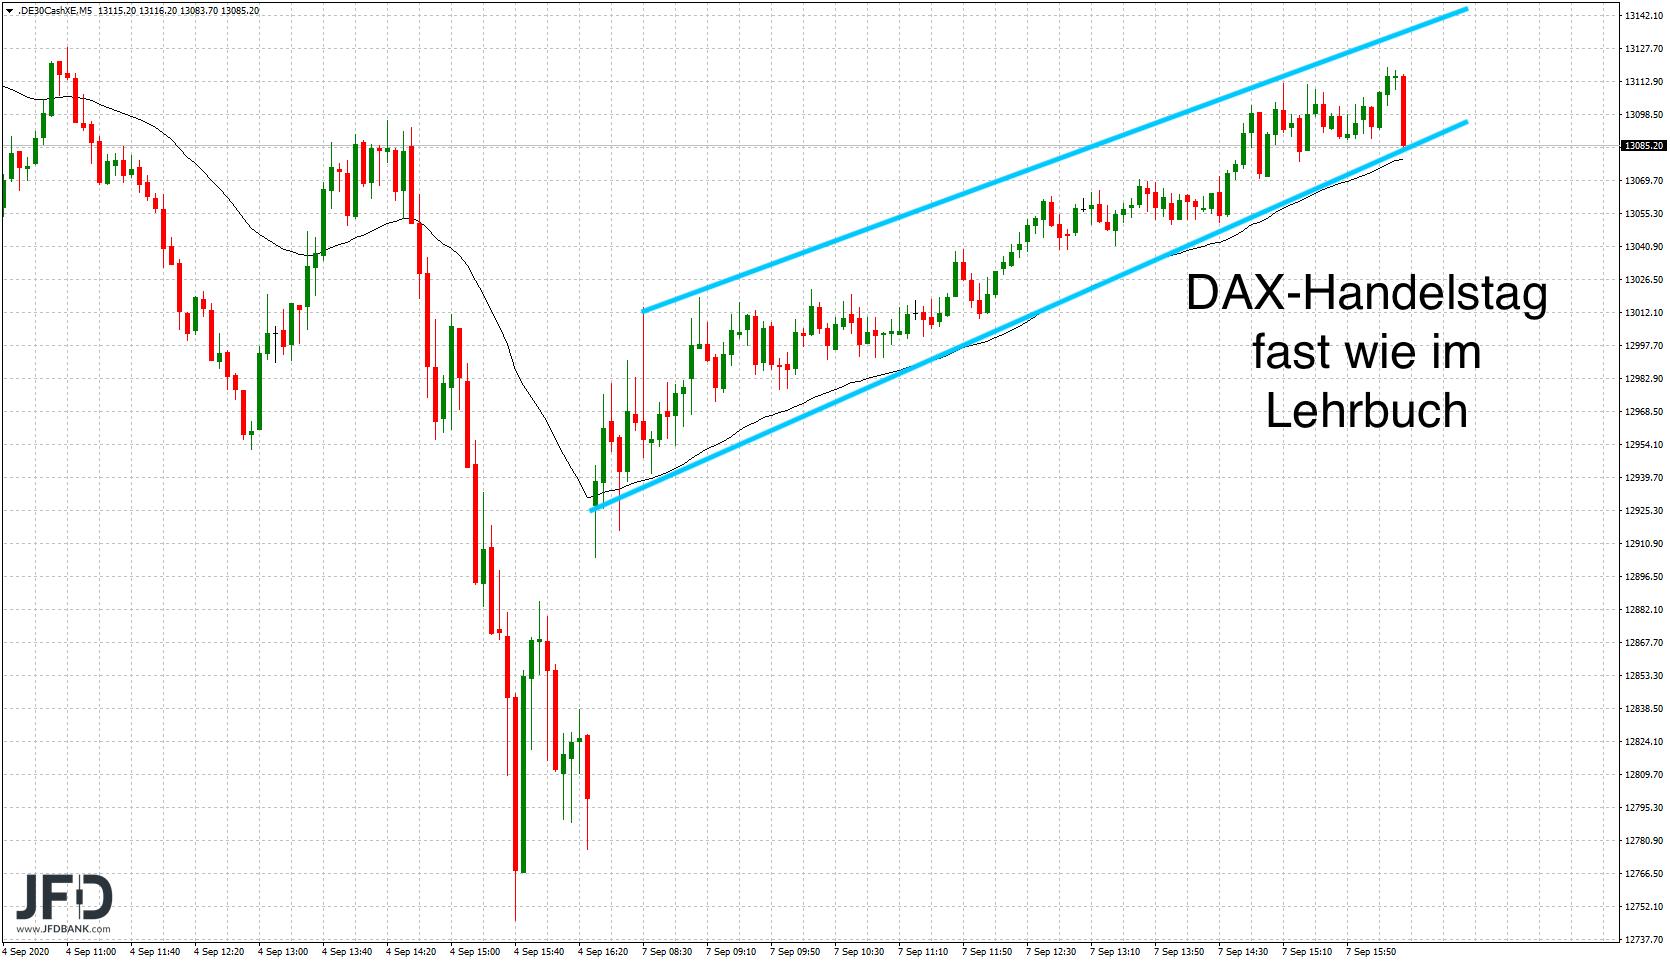 Trendkanal im DAX am Montag